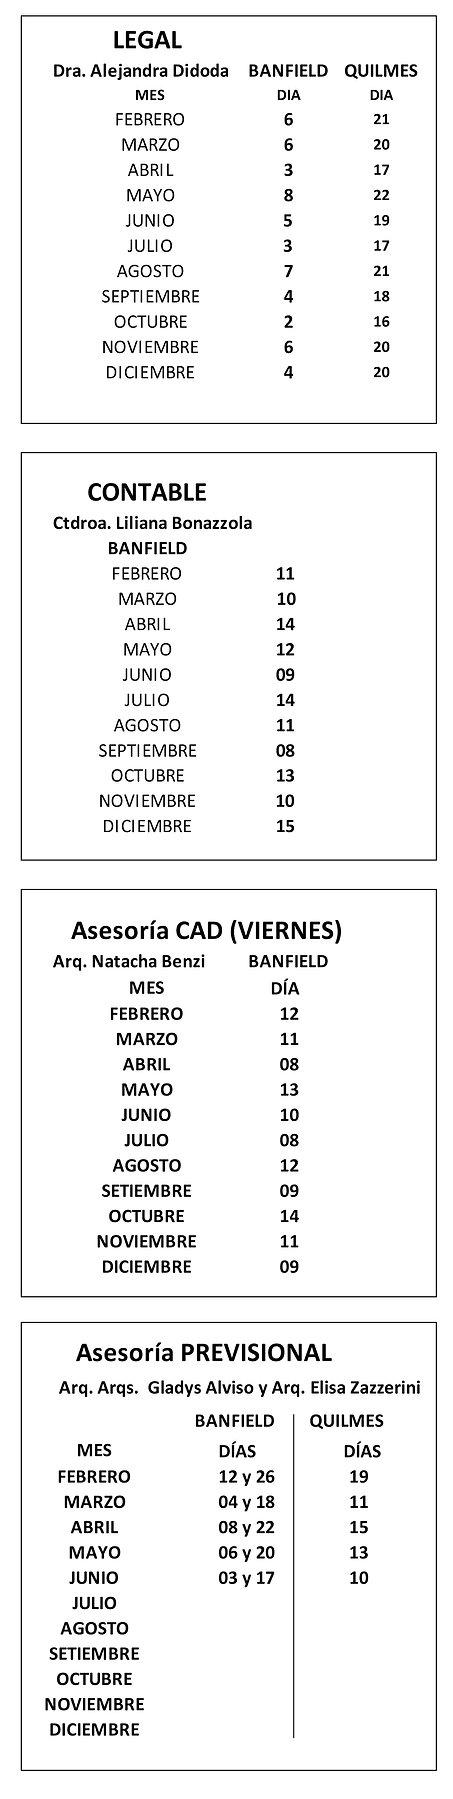 asesorias-2020.jpg